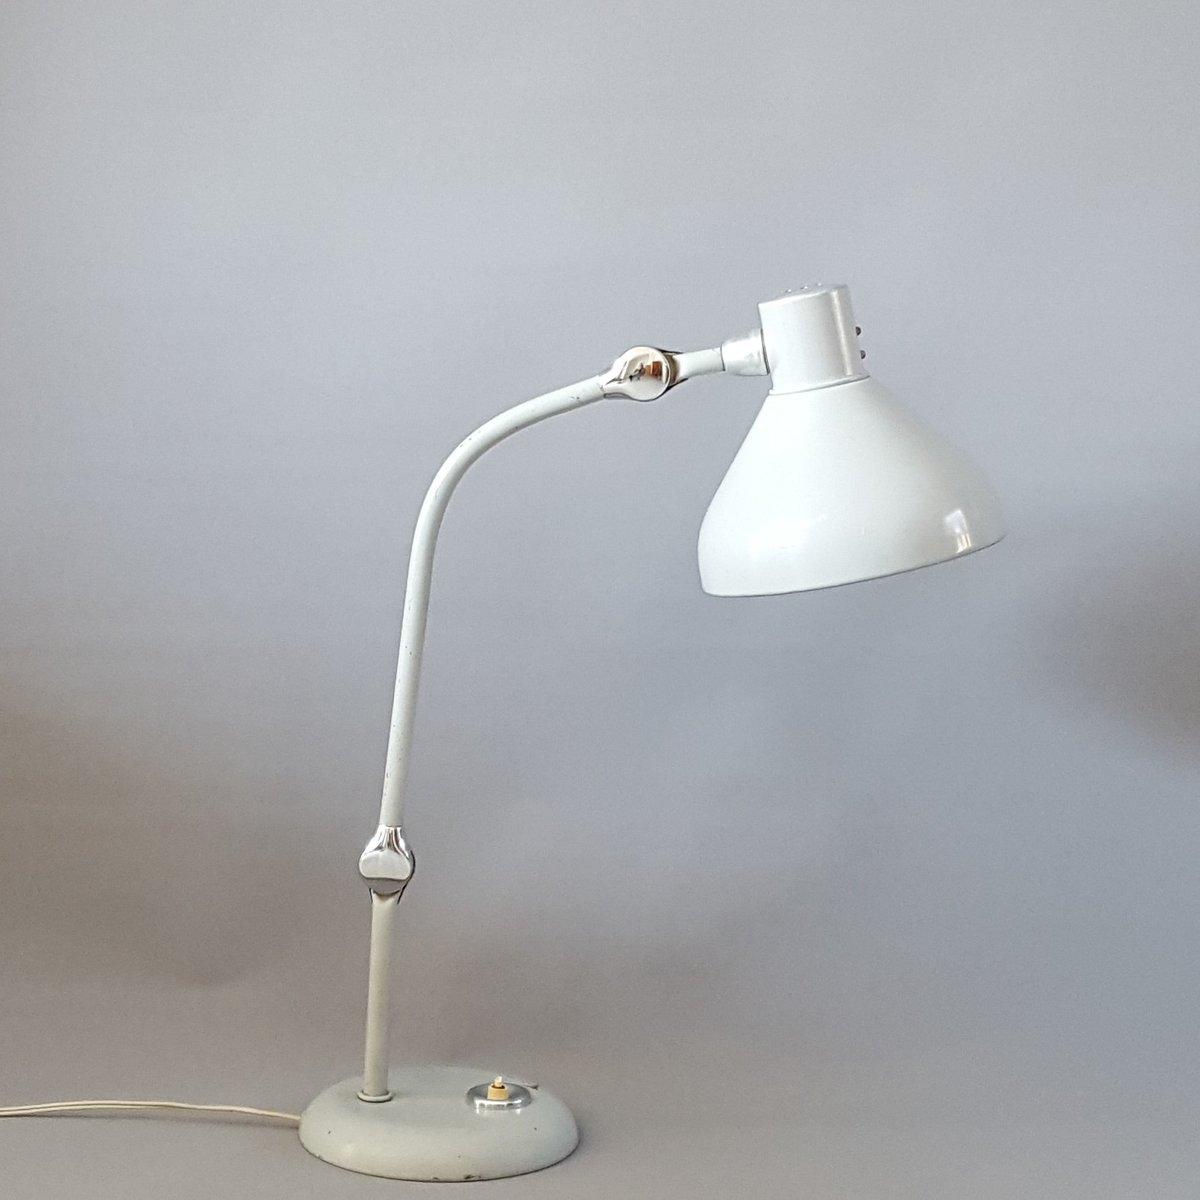 Vintage Modell GS1 Schreibtischlampe von Jumo